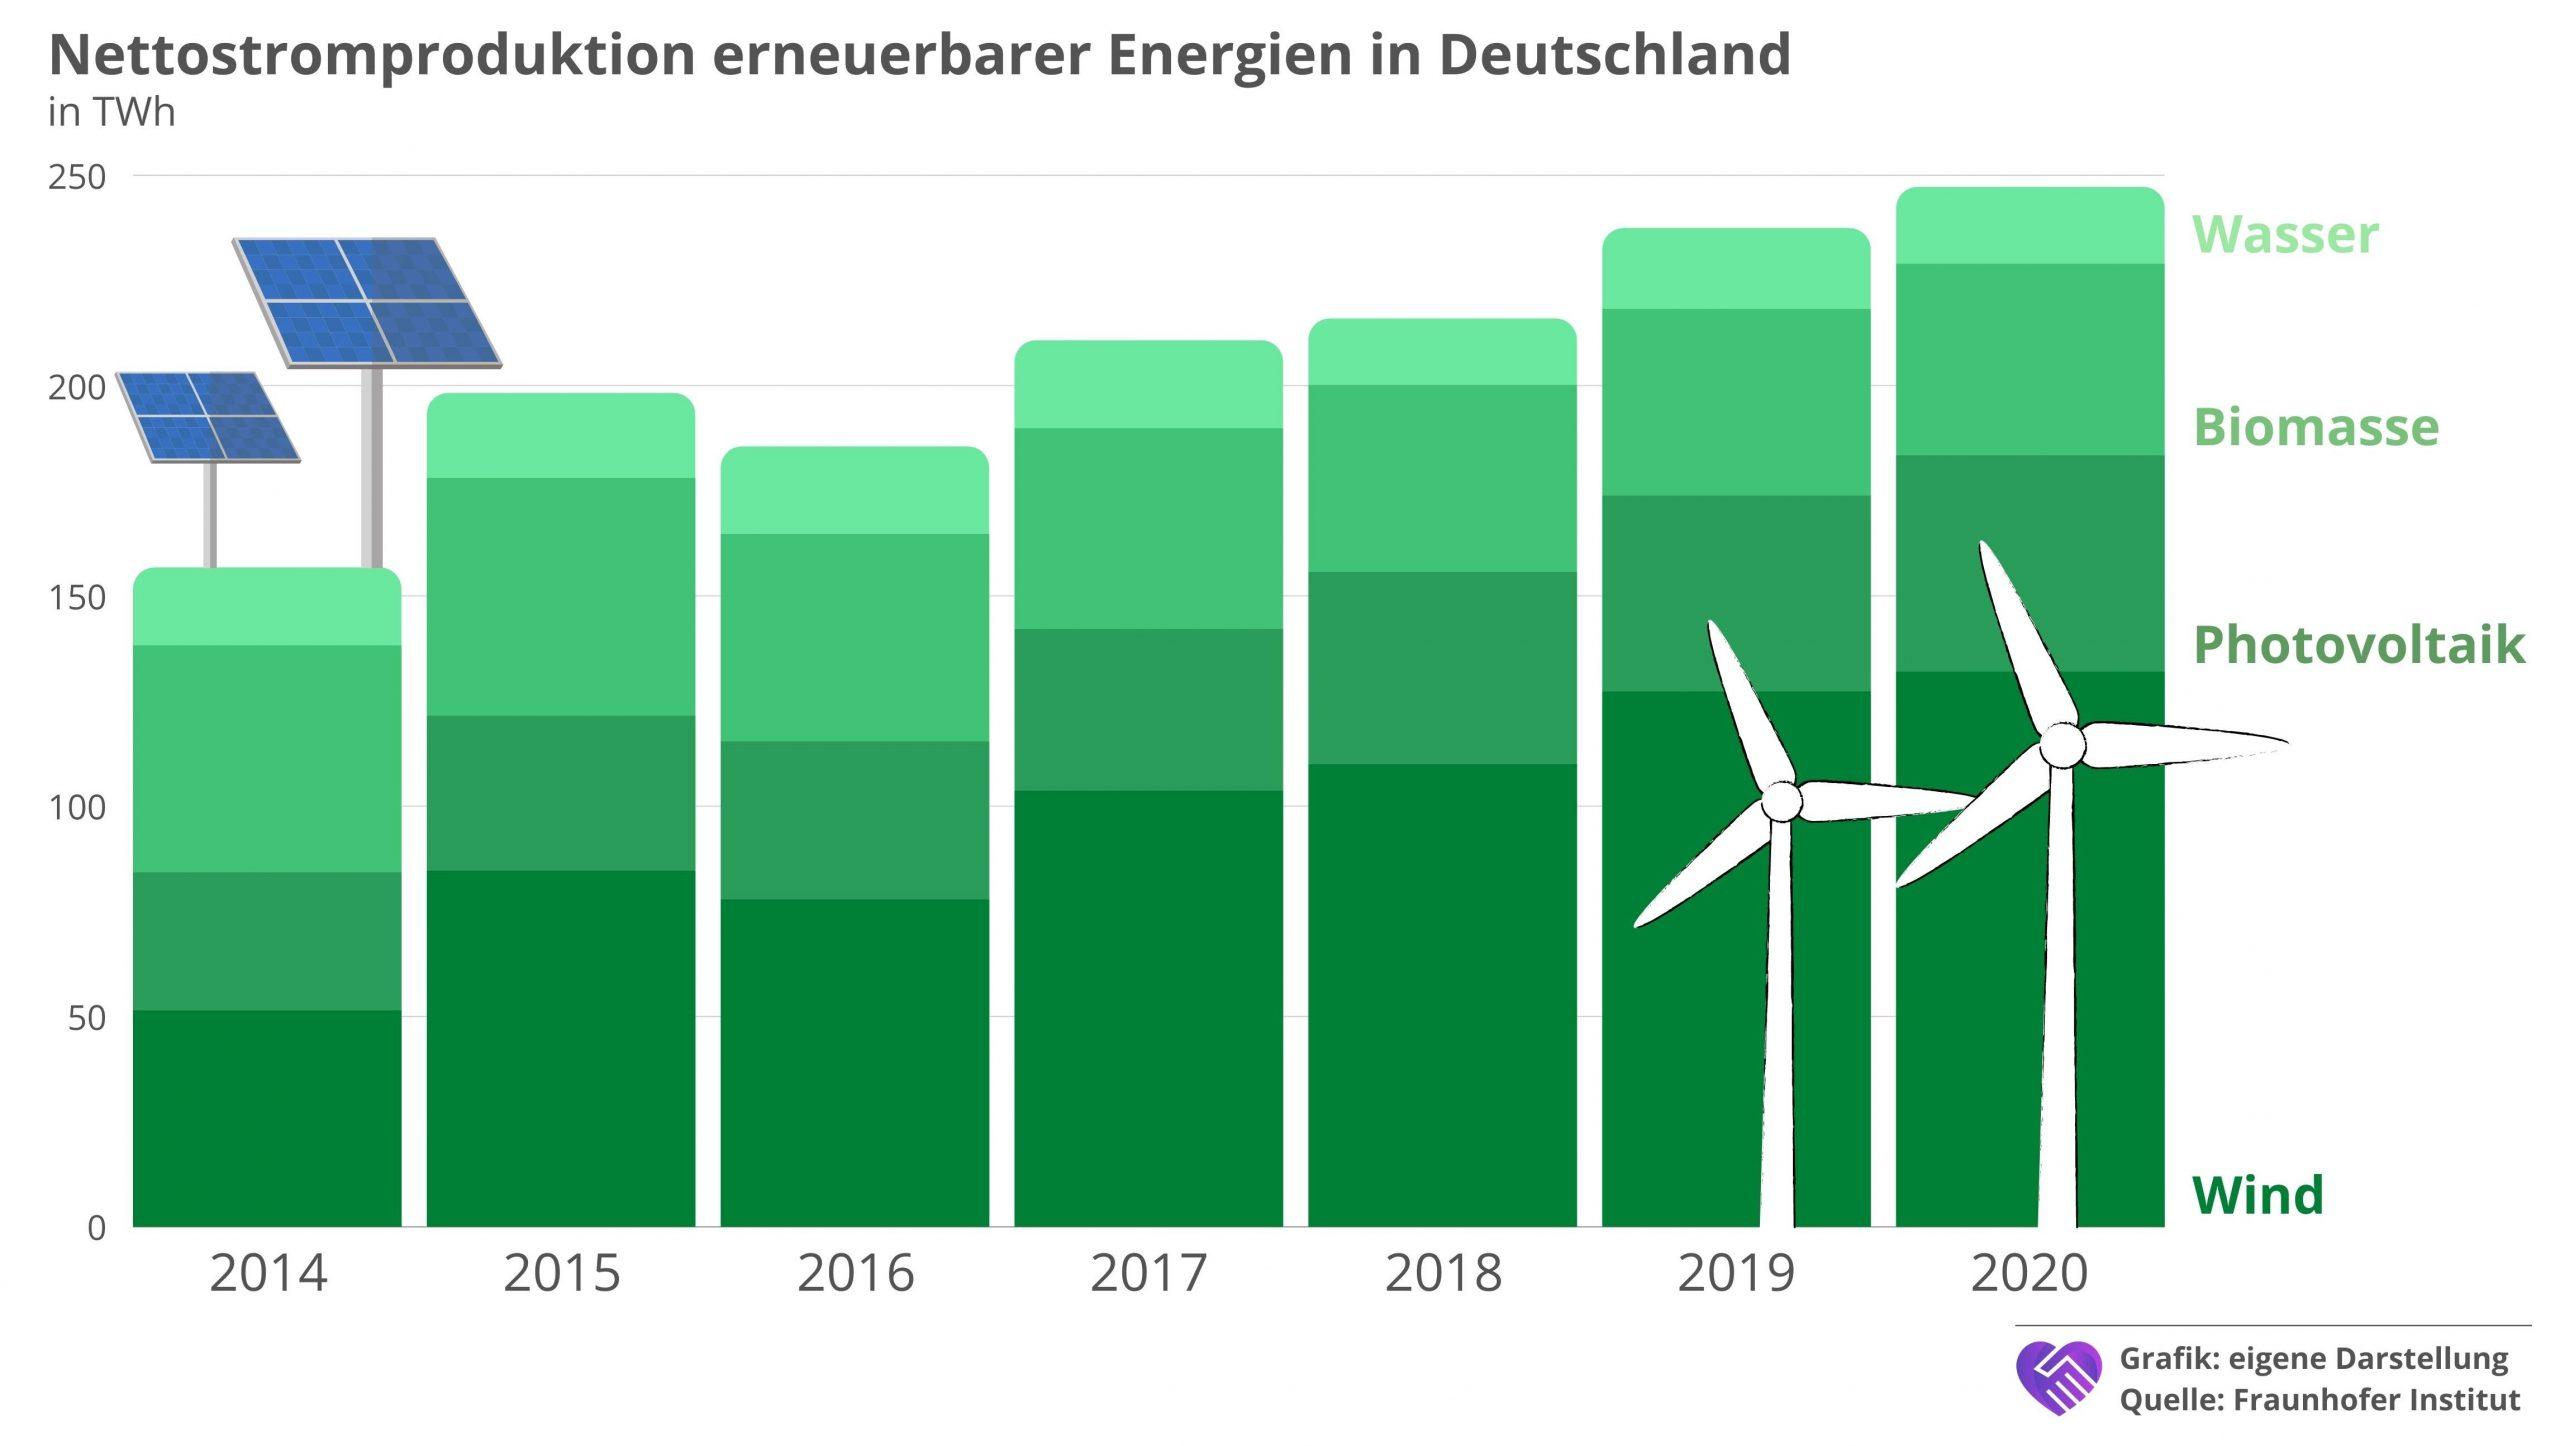 7C Solarparken Aktie Analyse Stromproduktion erneuerbare Energien Deutschland